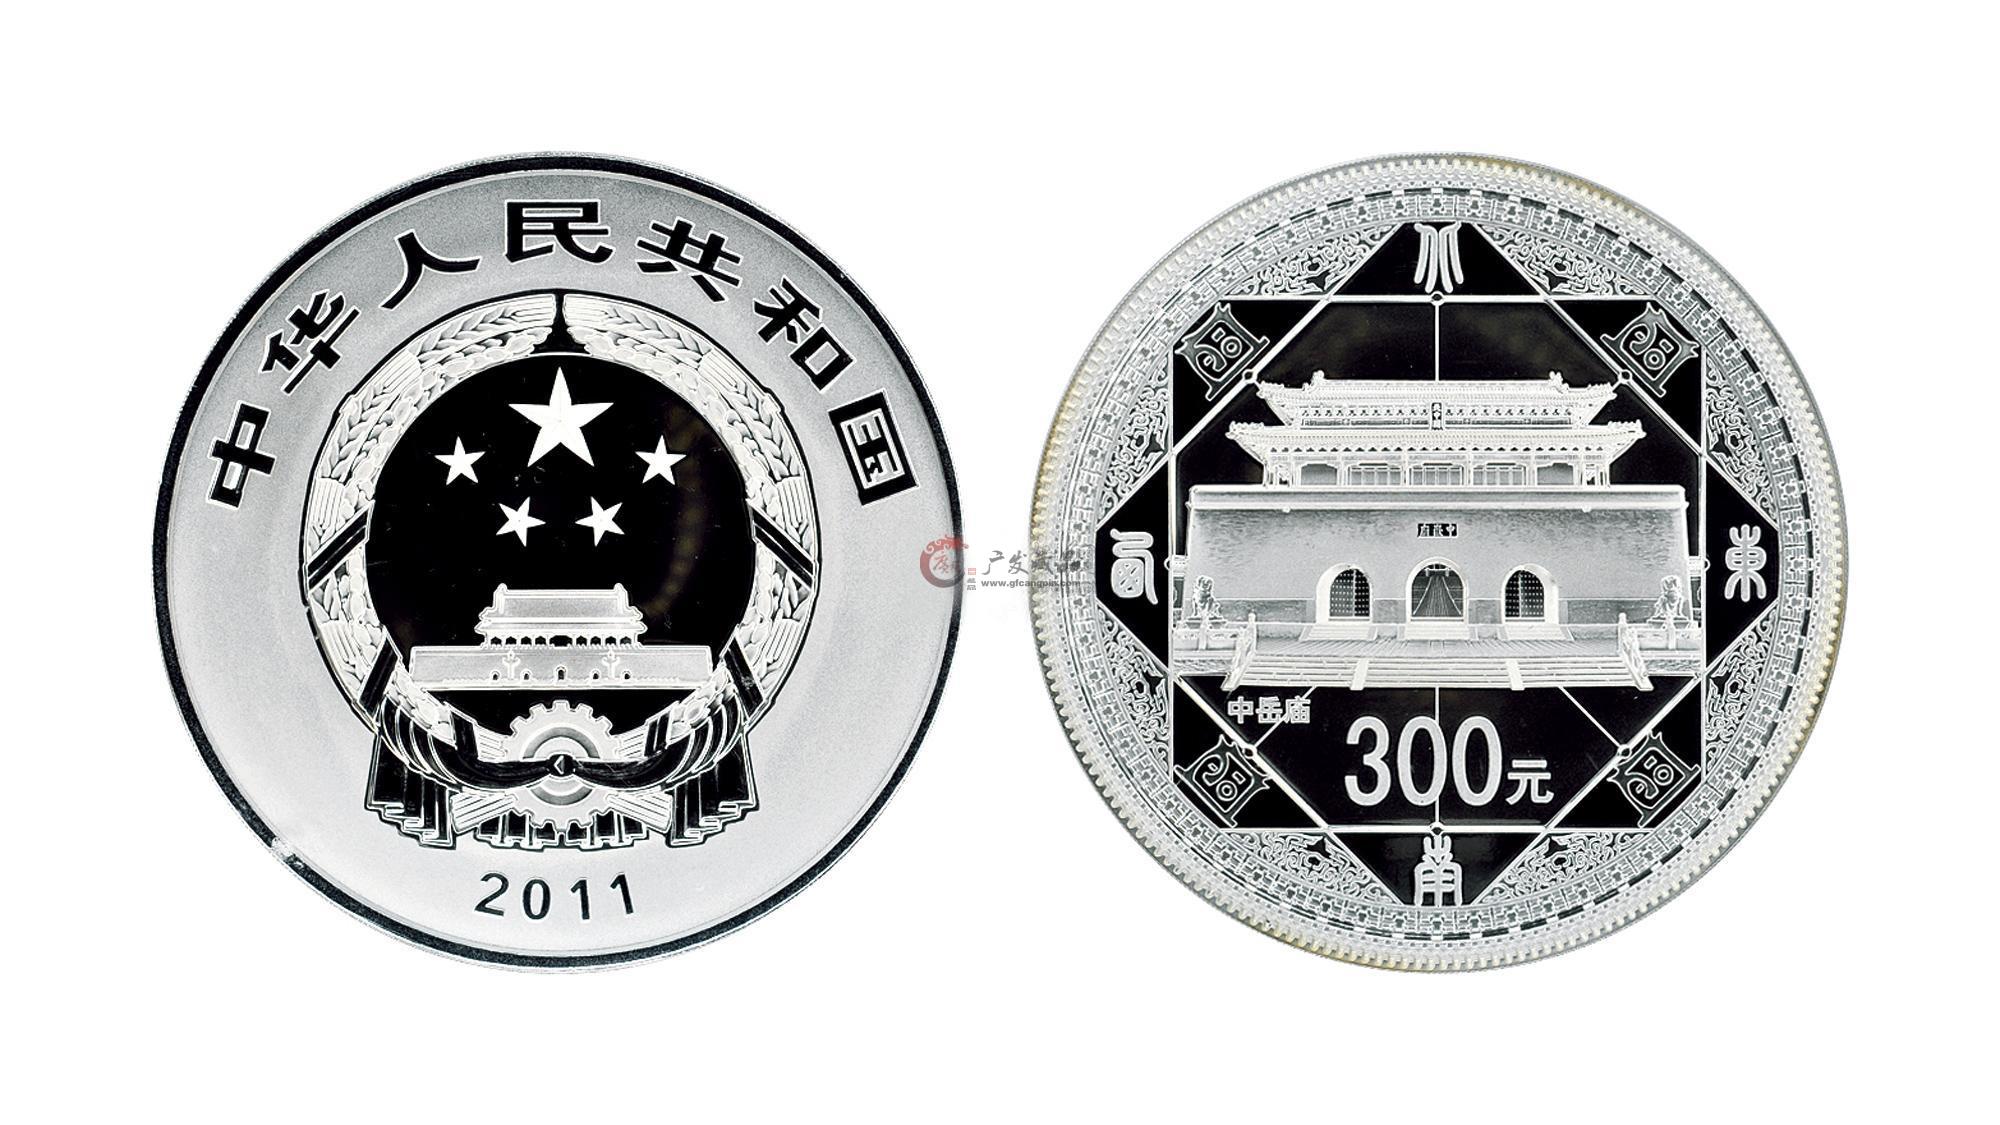 2011年世界遗产-登封天地之中历史建筑群1公斤本银币